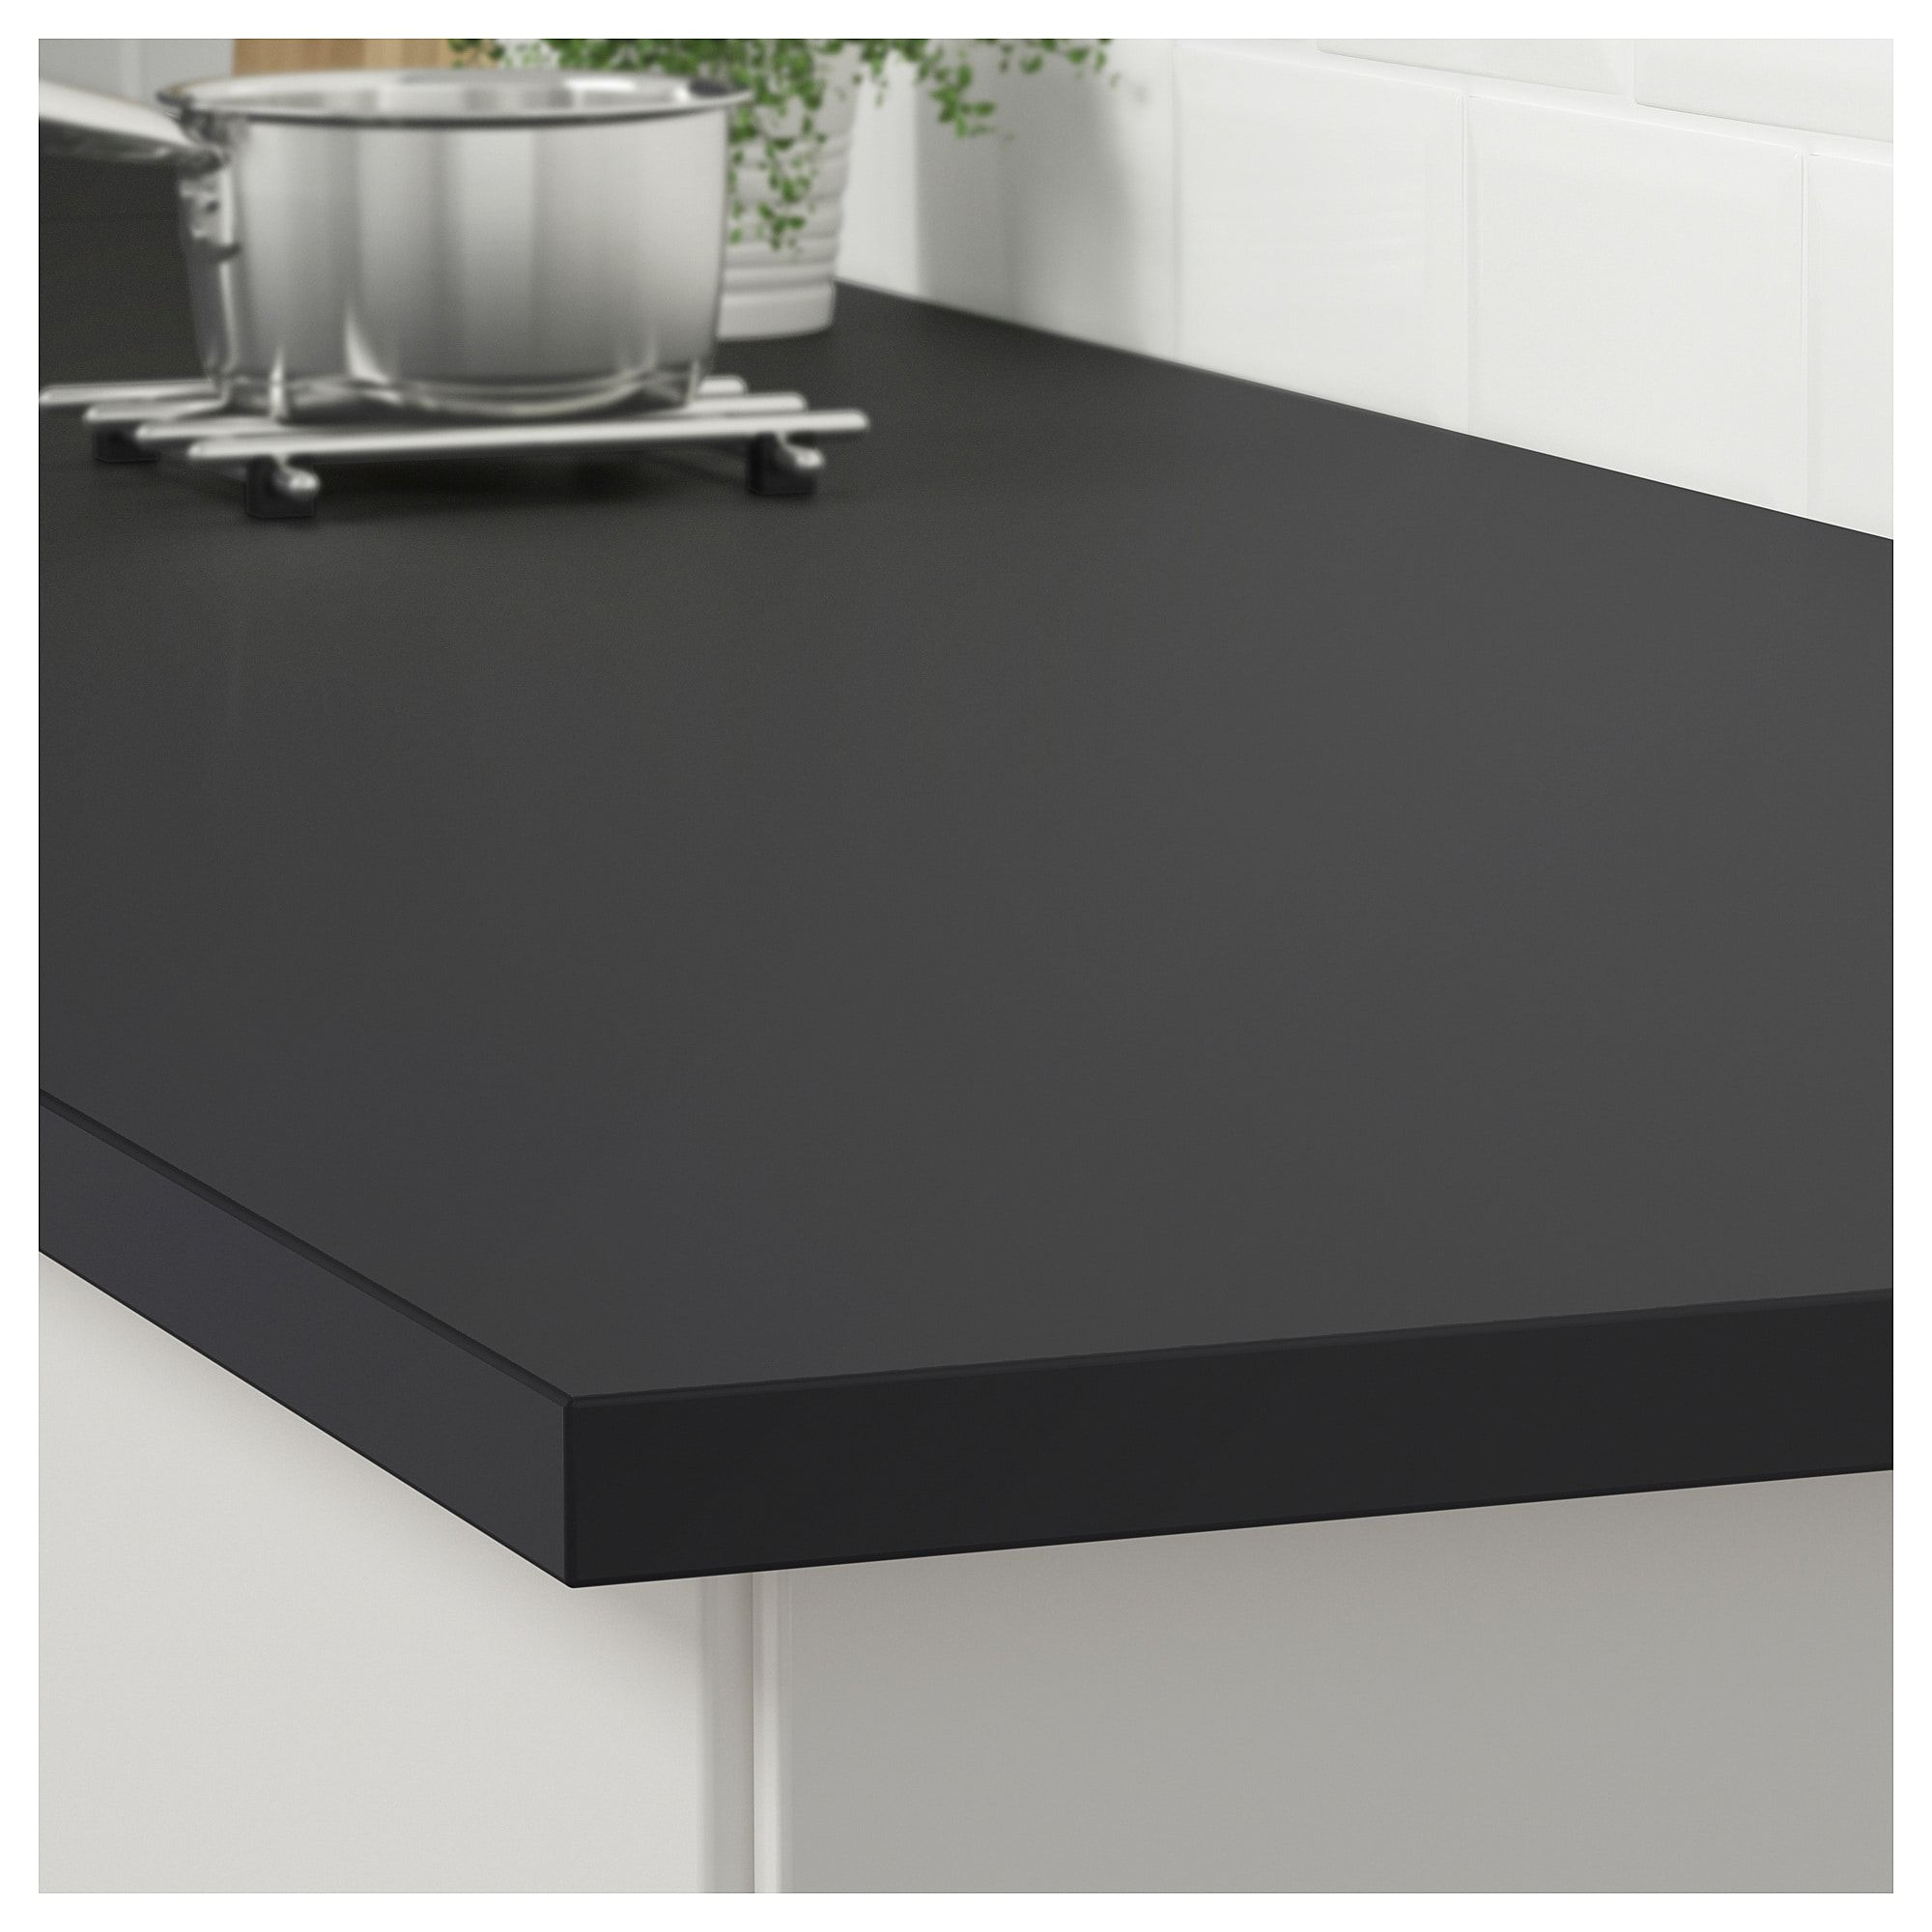 Plan De Travail Quartz Ikea.Ikea Ekbacken Matte Anthracite Laminate Countertop